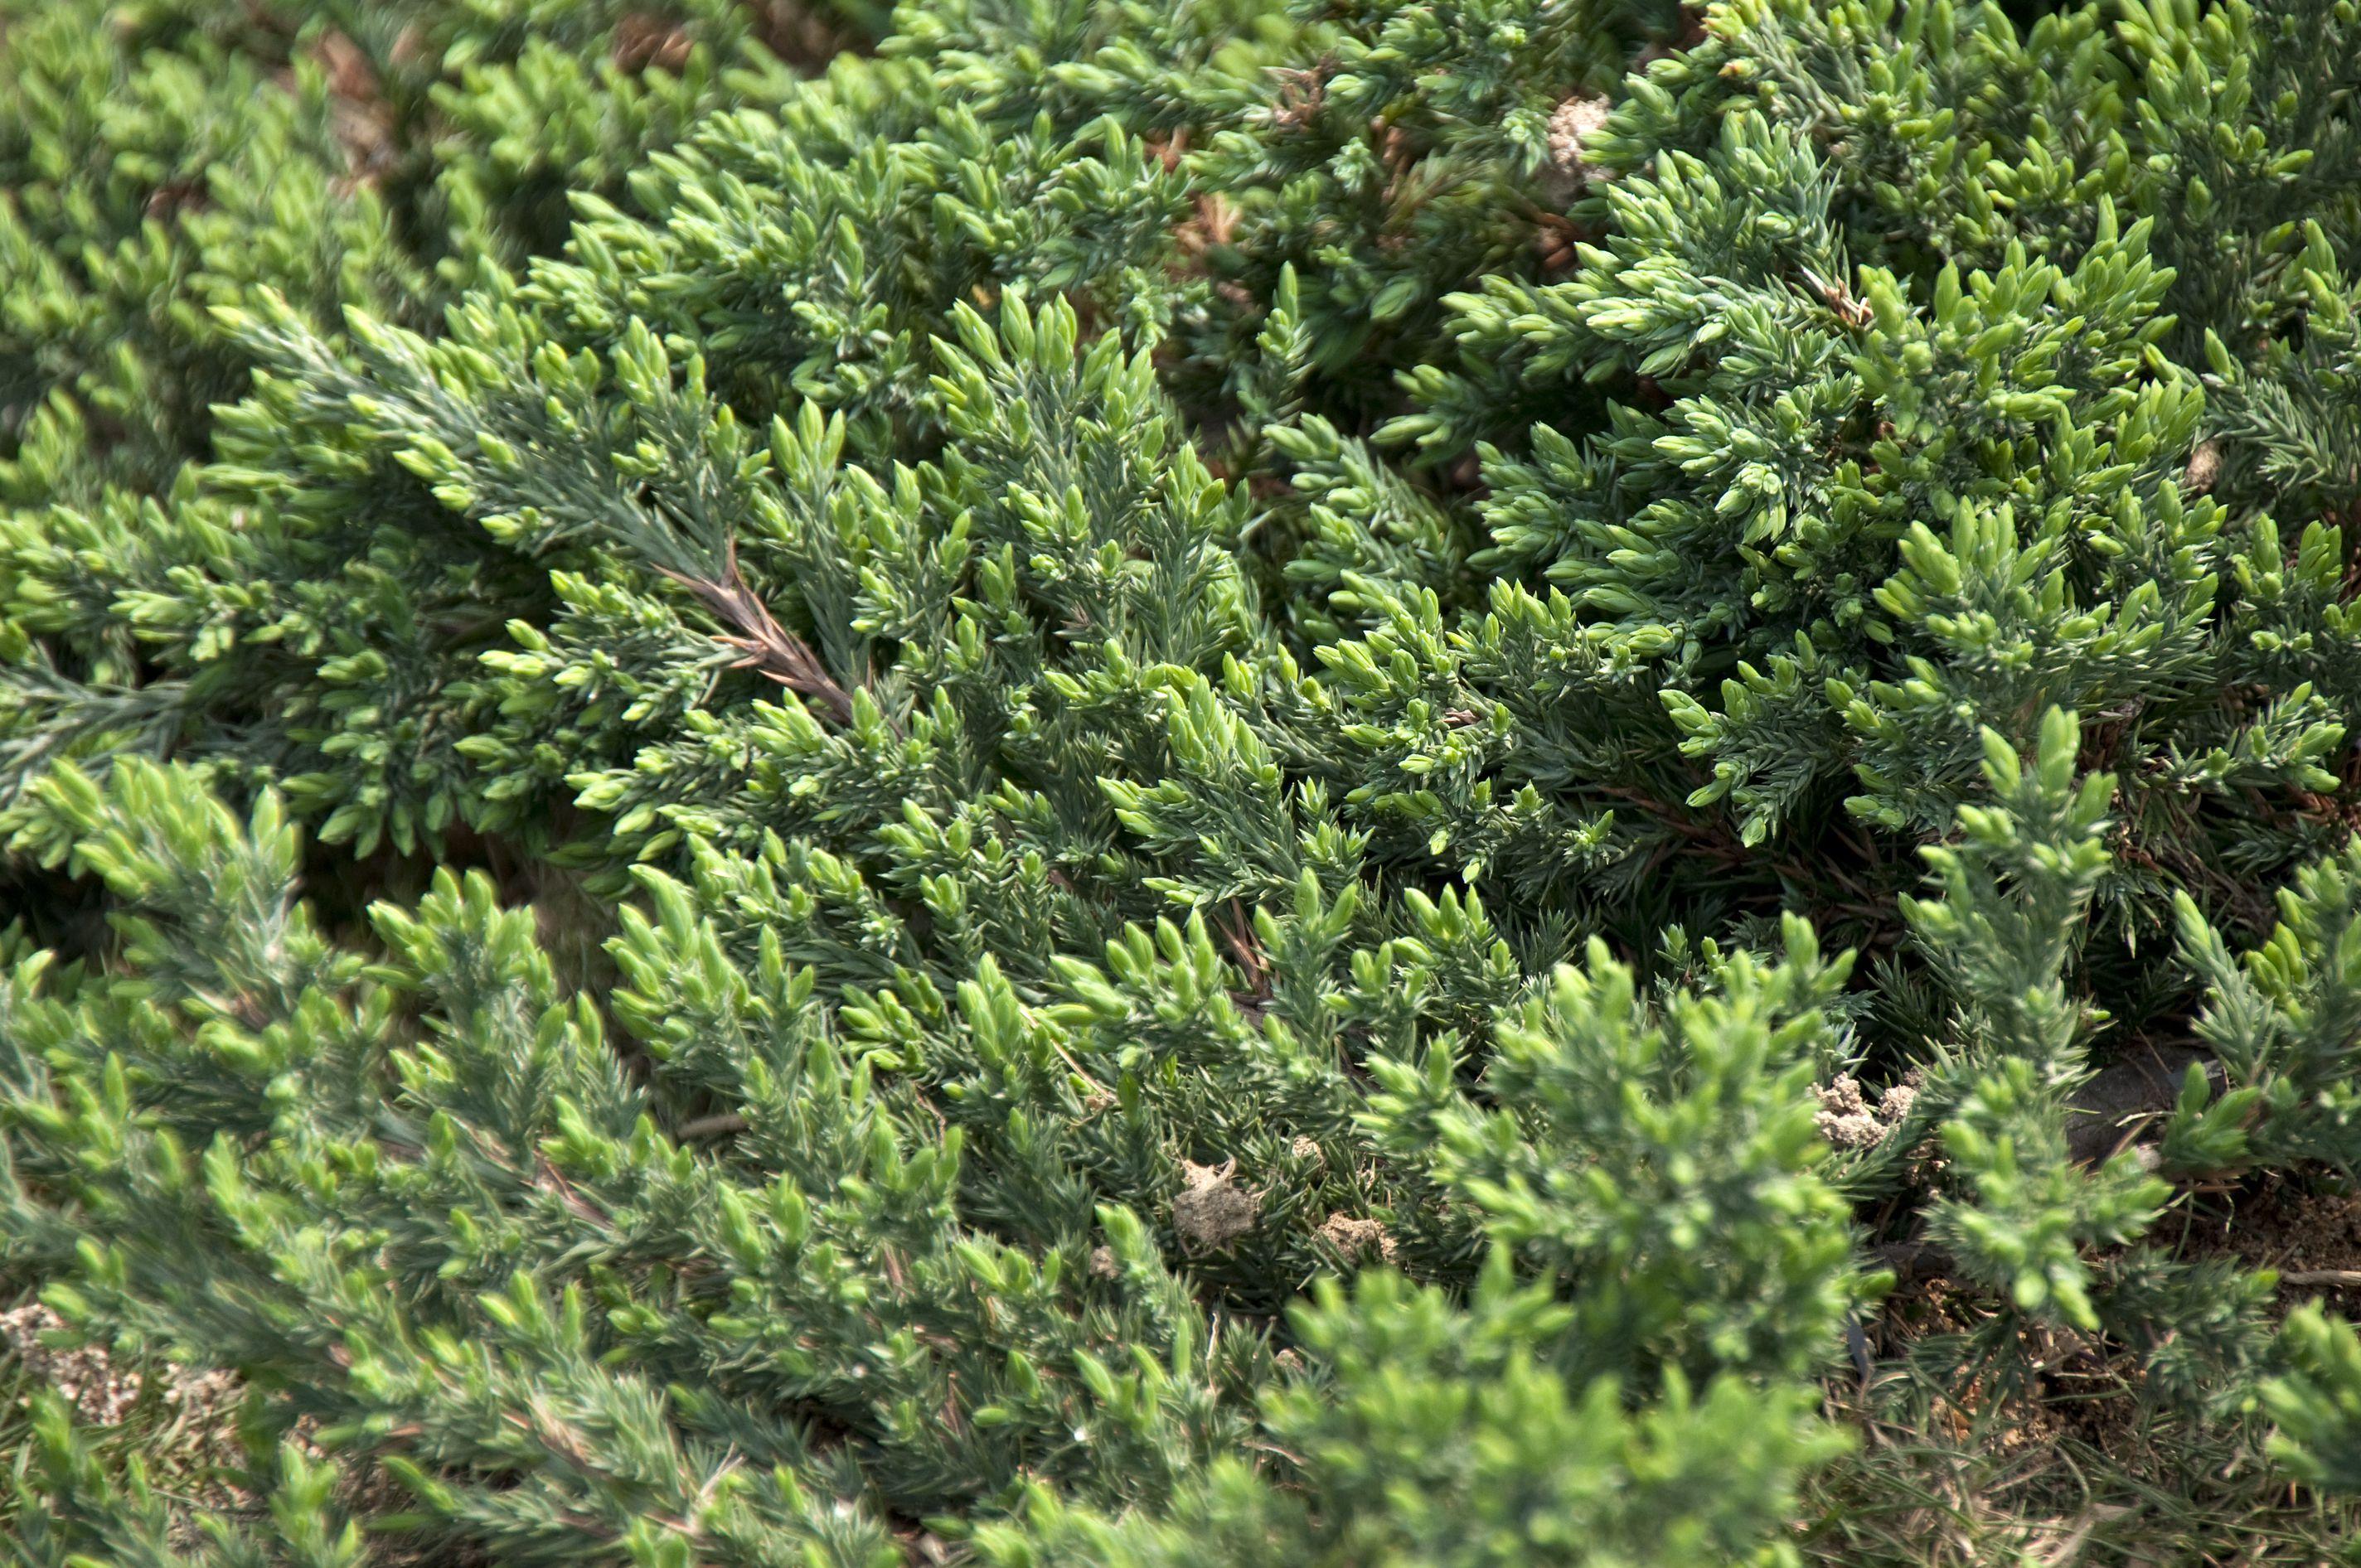 Creeping juniper ground cover.